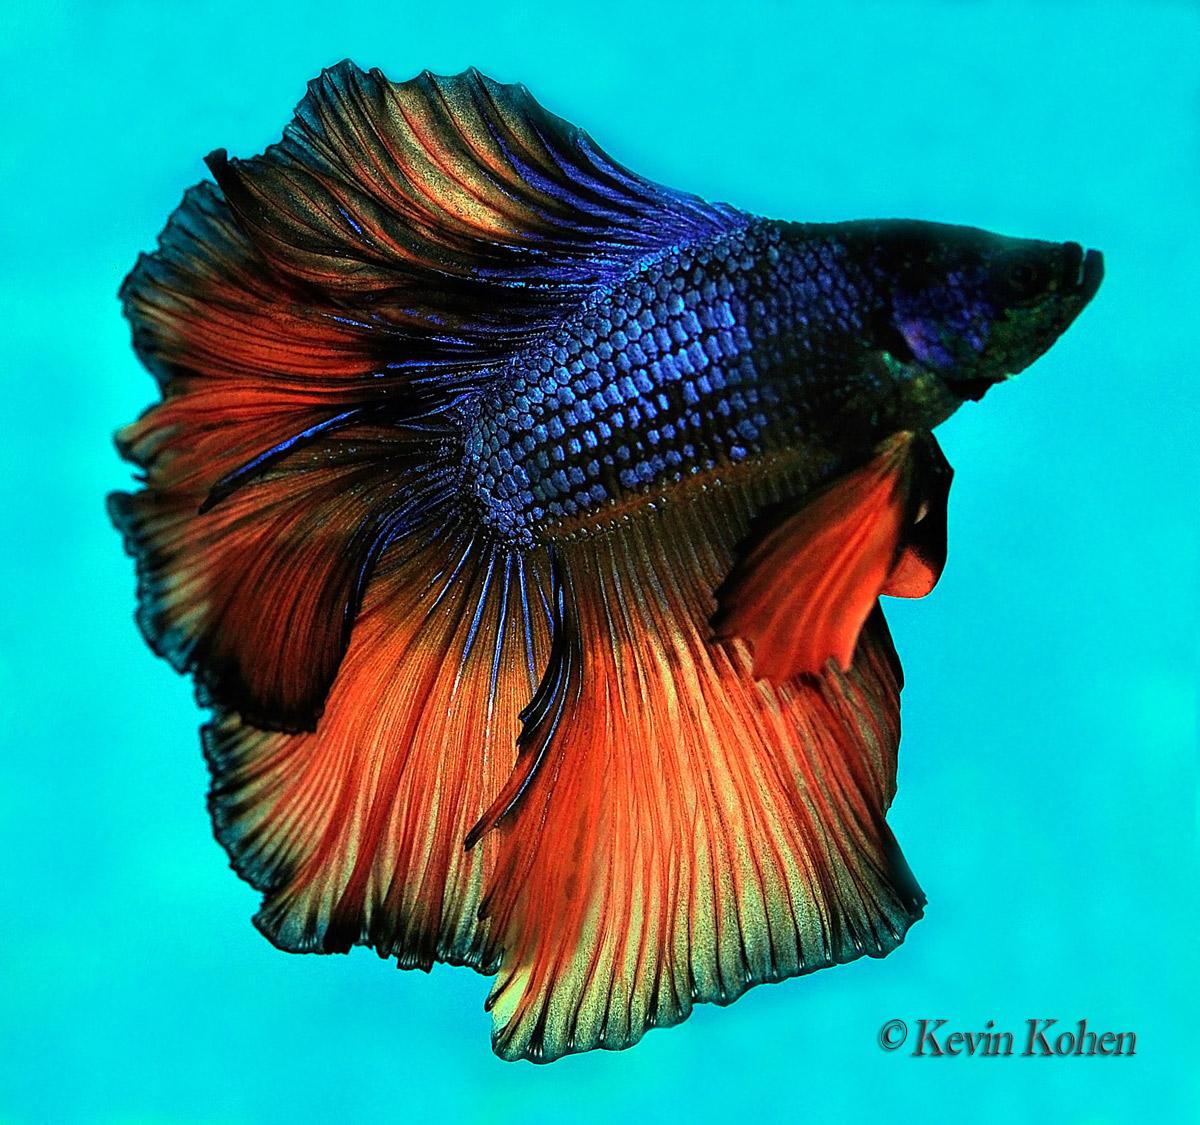 Rosetail Siamese Fighting Fish (Betta splendens) | Rare Freshwater Fish